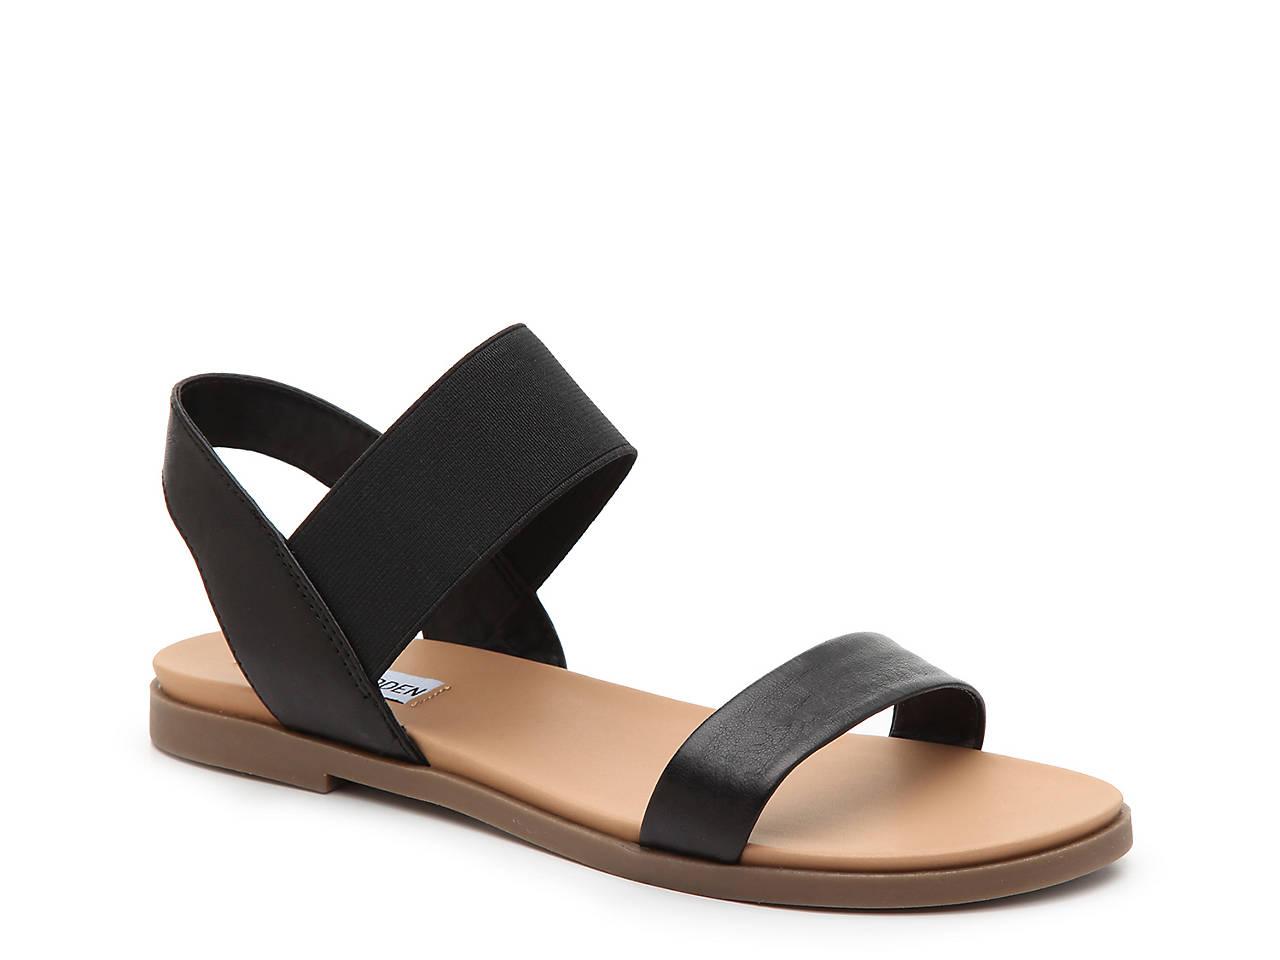 e88e2d28e12 Steve Madden Darnell Flat Sandal Women s Shoes